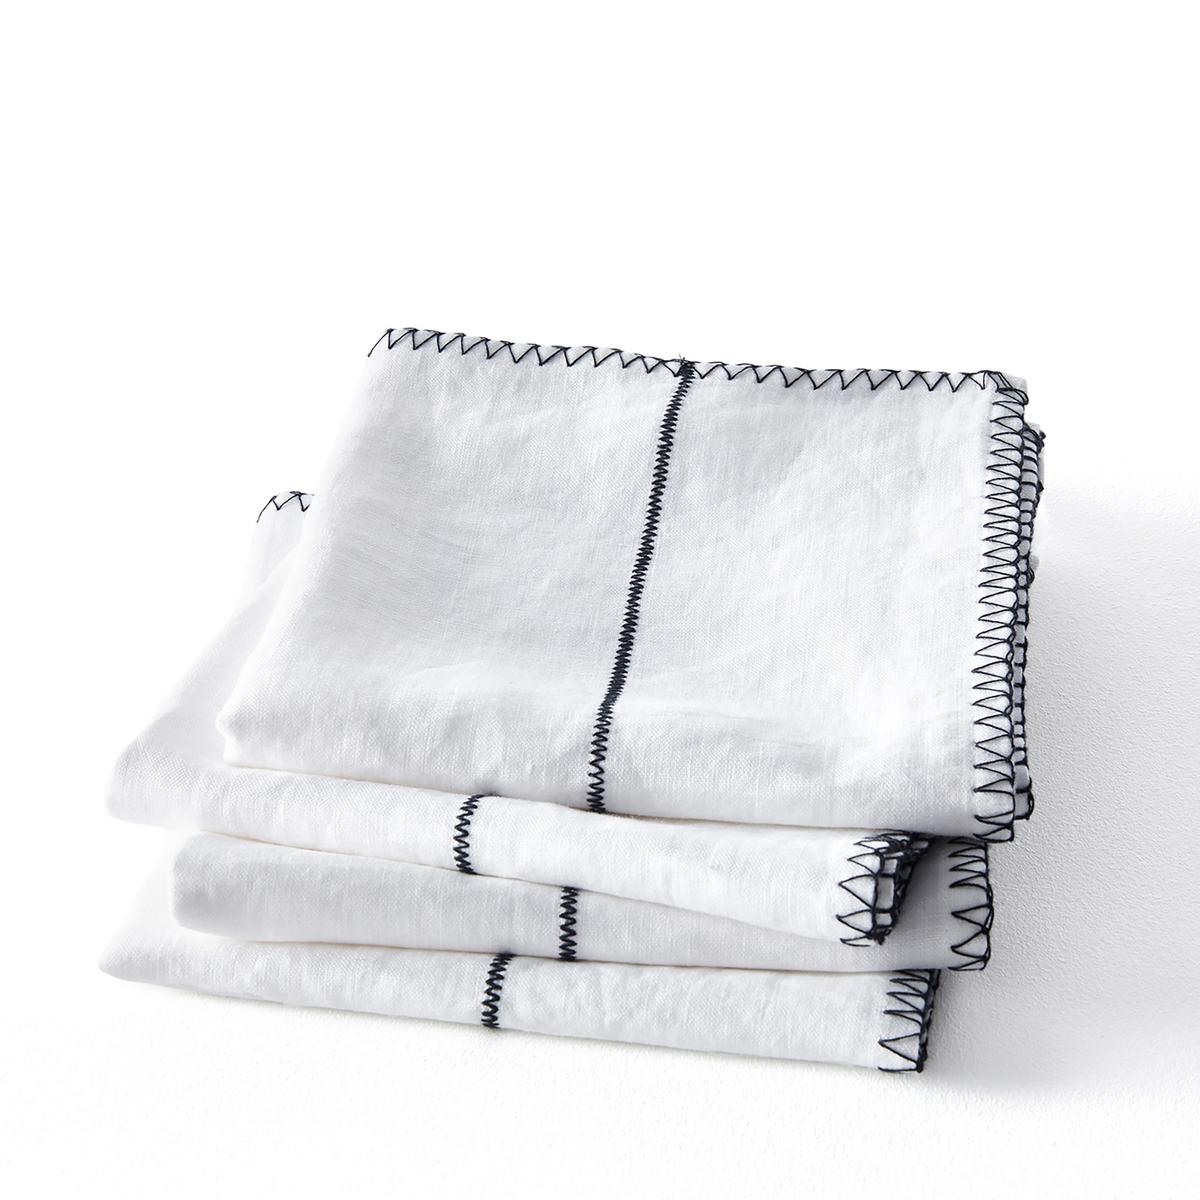 Комплект из 4 салфеток из LaRedoute Льна Tojos 40 x 40 см белый